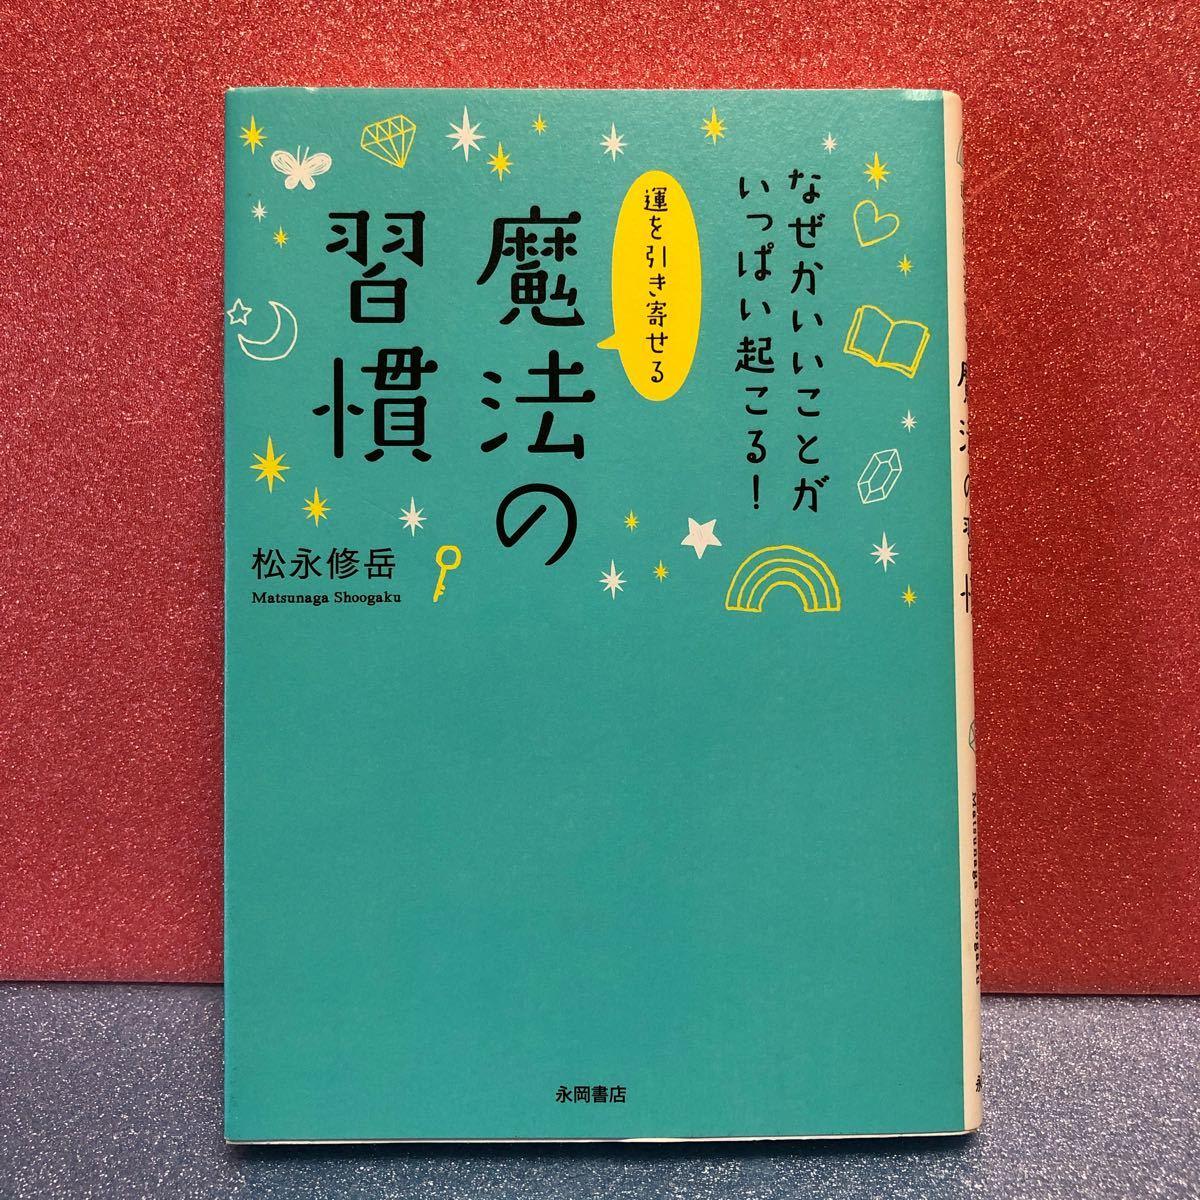 運を引き寄せる魔法の習慣 なぜかいいことがいっぱい起こる! /松永修岳